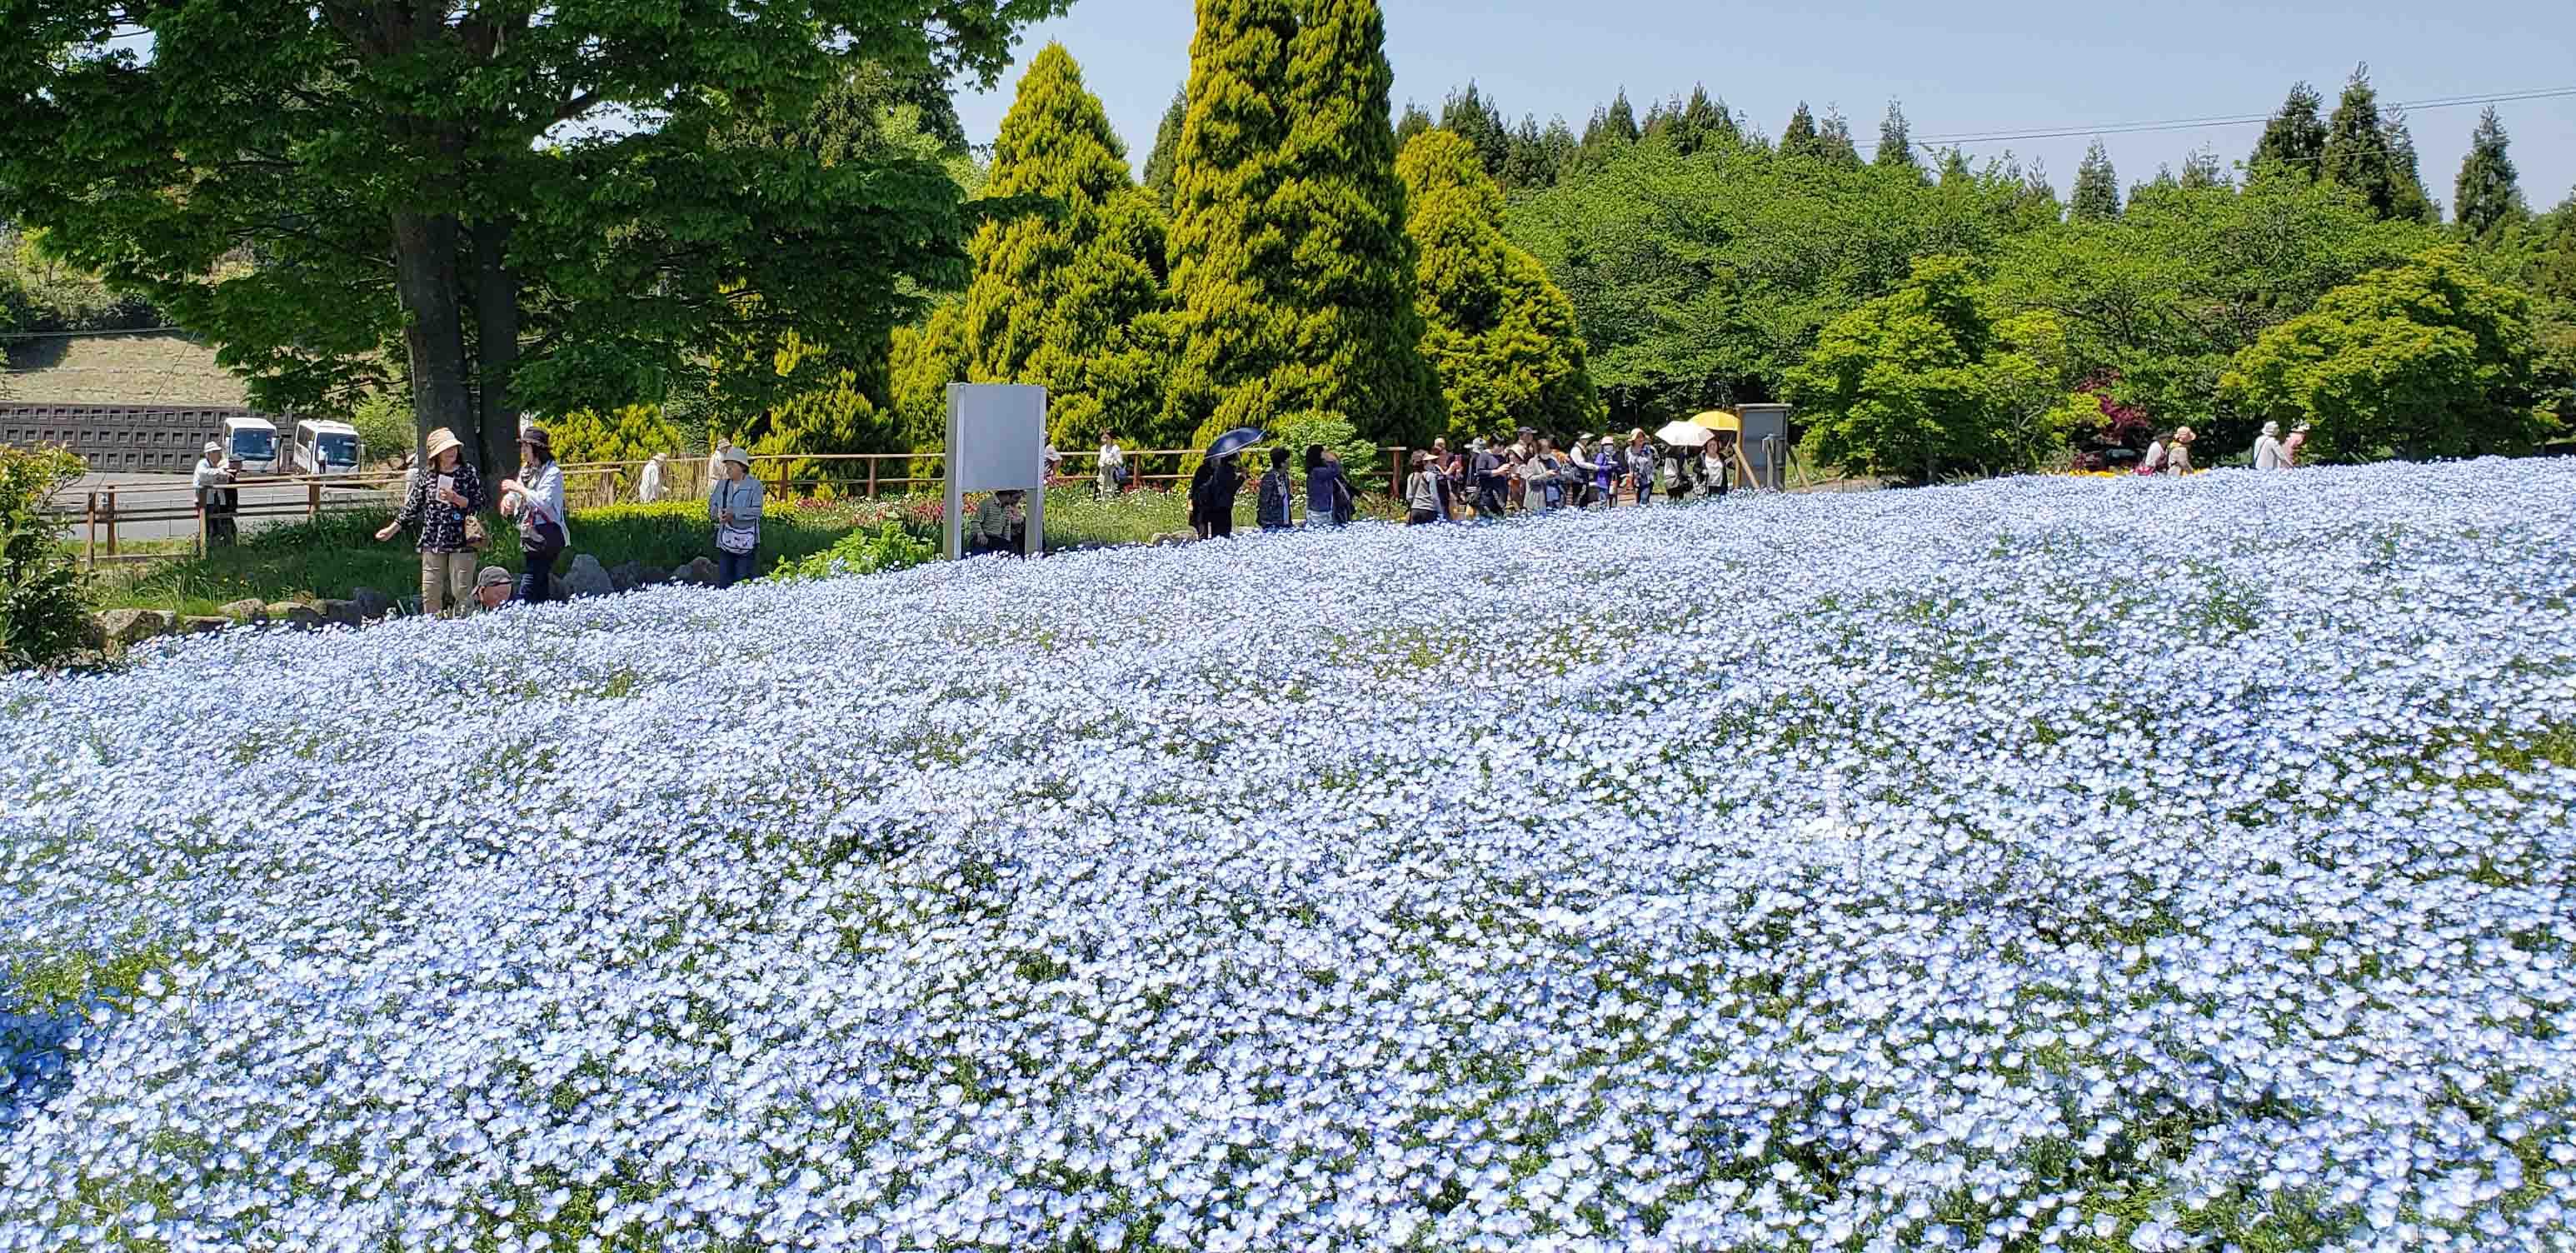 福島いわき 花と豪華海鮮チラシツアー催行!